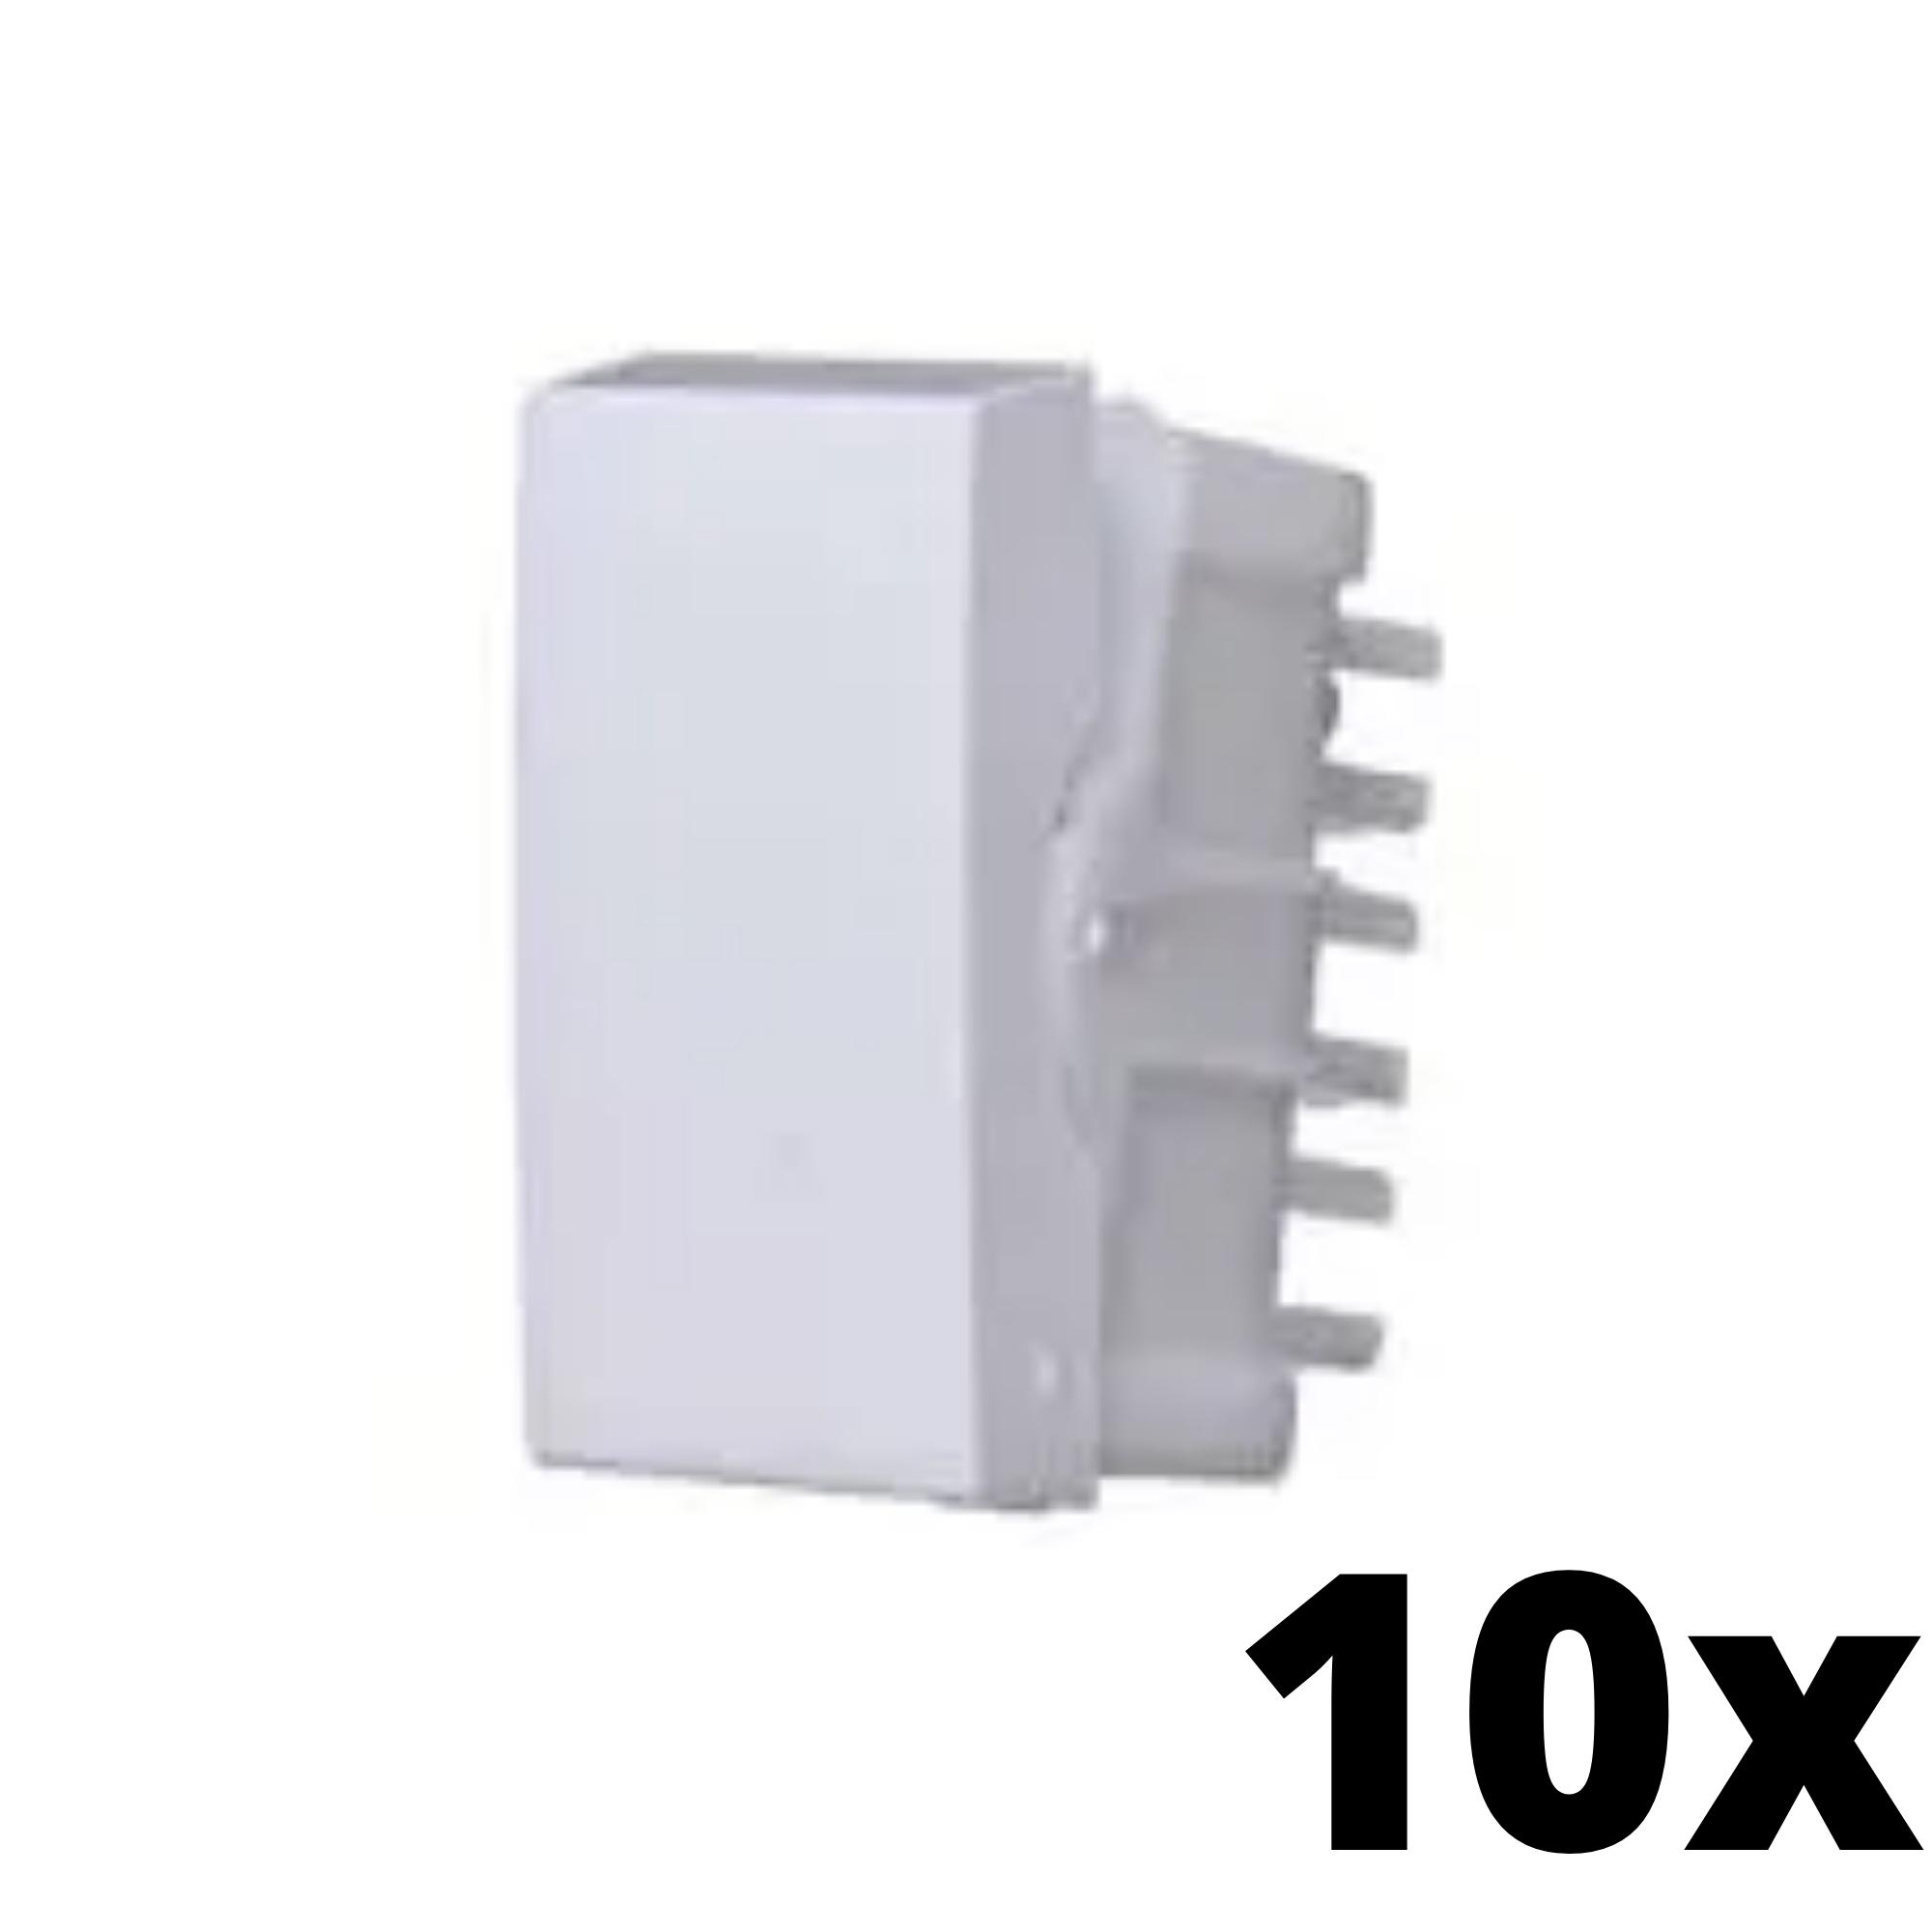 Kit 10 und Siena Módulo Interruptor Intermediário